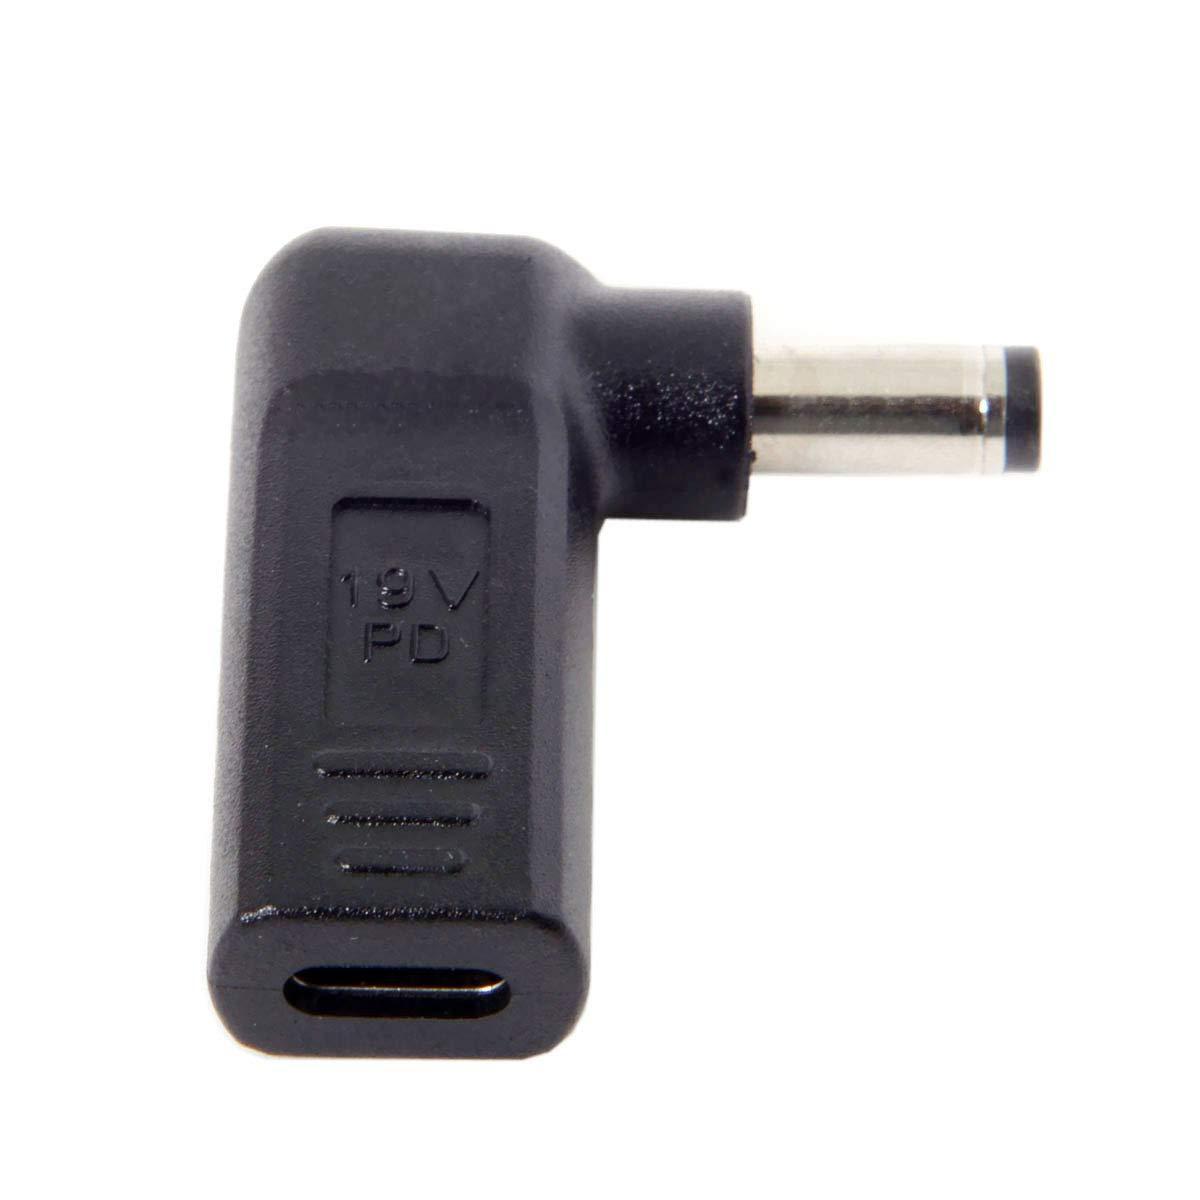 5,5 mm, 4,0 mm, 7,4 mm, 3,0 mm, 2,5 mm 5.5 * 2.1MM Cablecc USB-C Adaptador USB 3.1 Tipo C a DC Rectangular